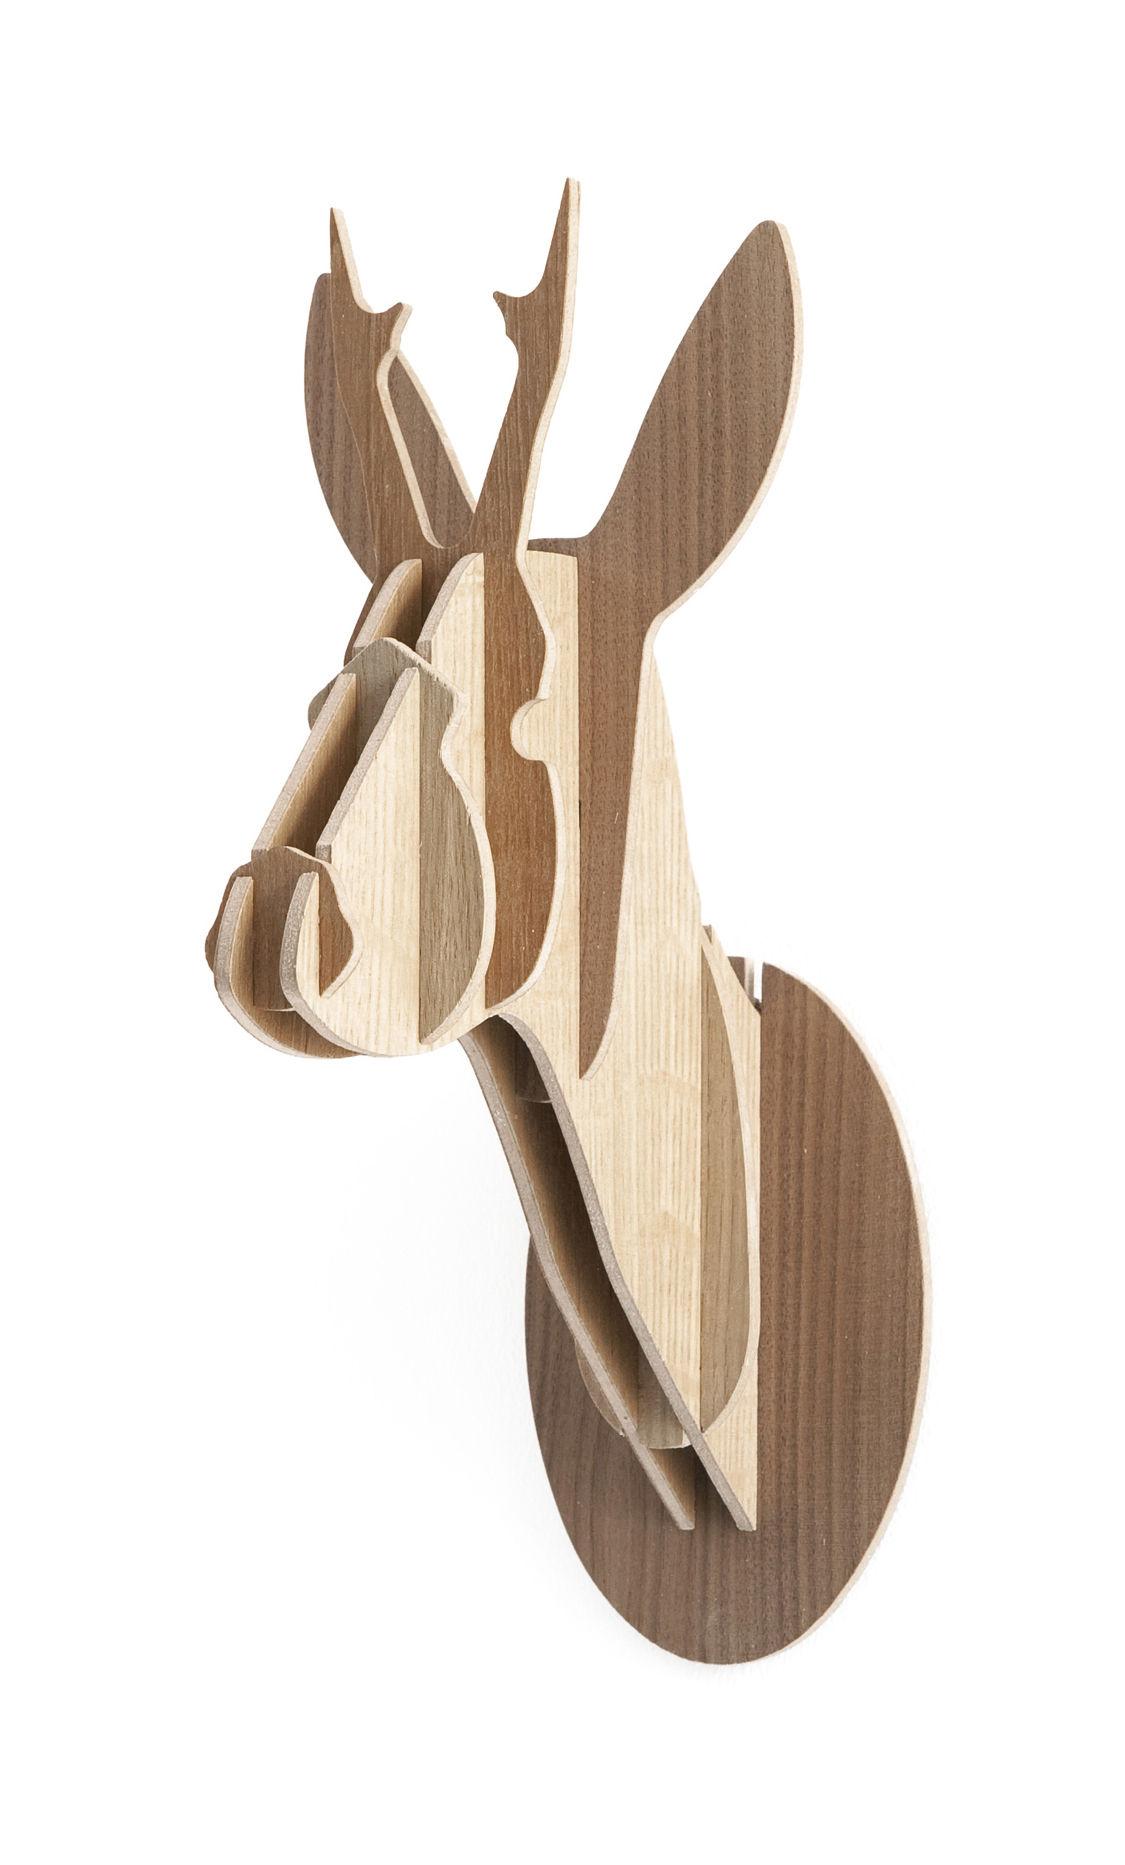 Dekoration - Spaßig und ausgefallen - Trophäe H 29 cm - dreifarbige Version - Moustache - H 29 cm - 3 Holznuancen - Eiche, Nussbaum, Teakholz